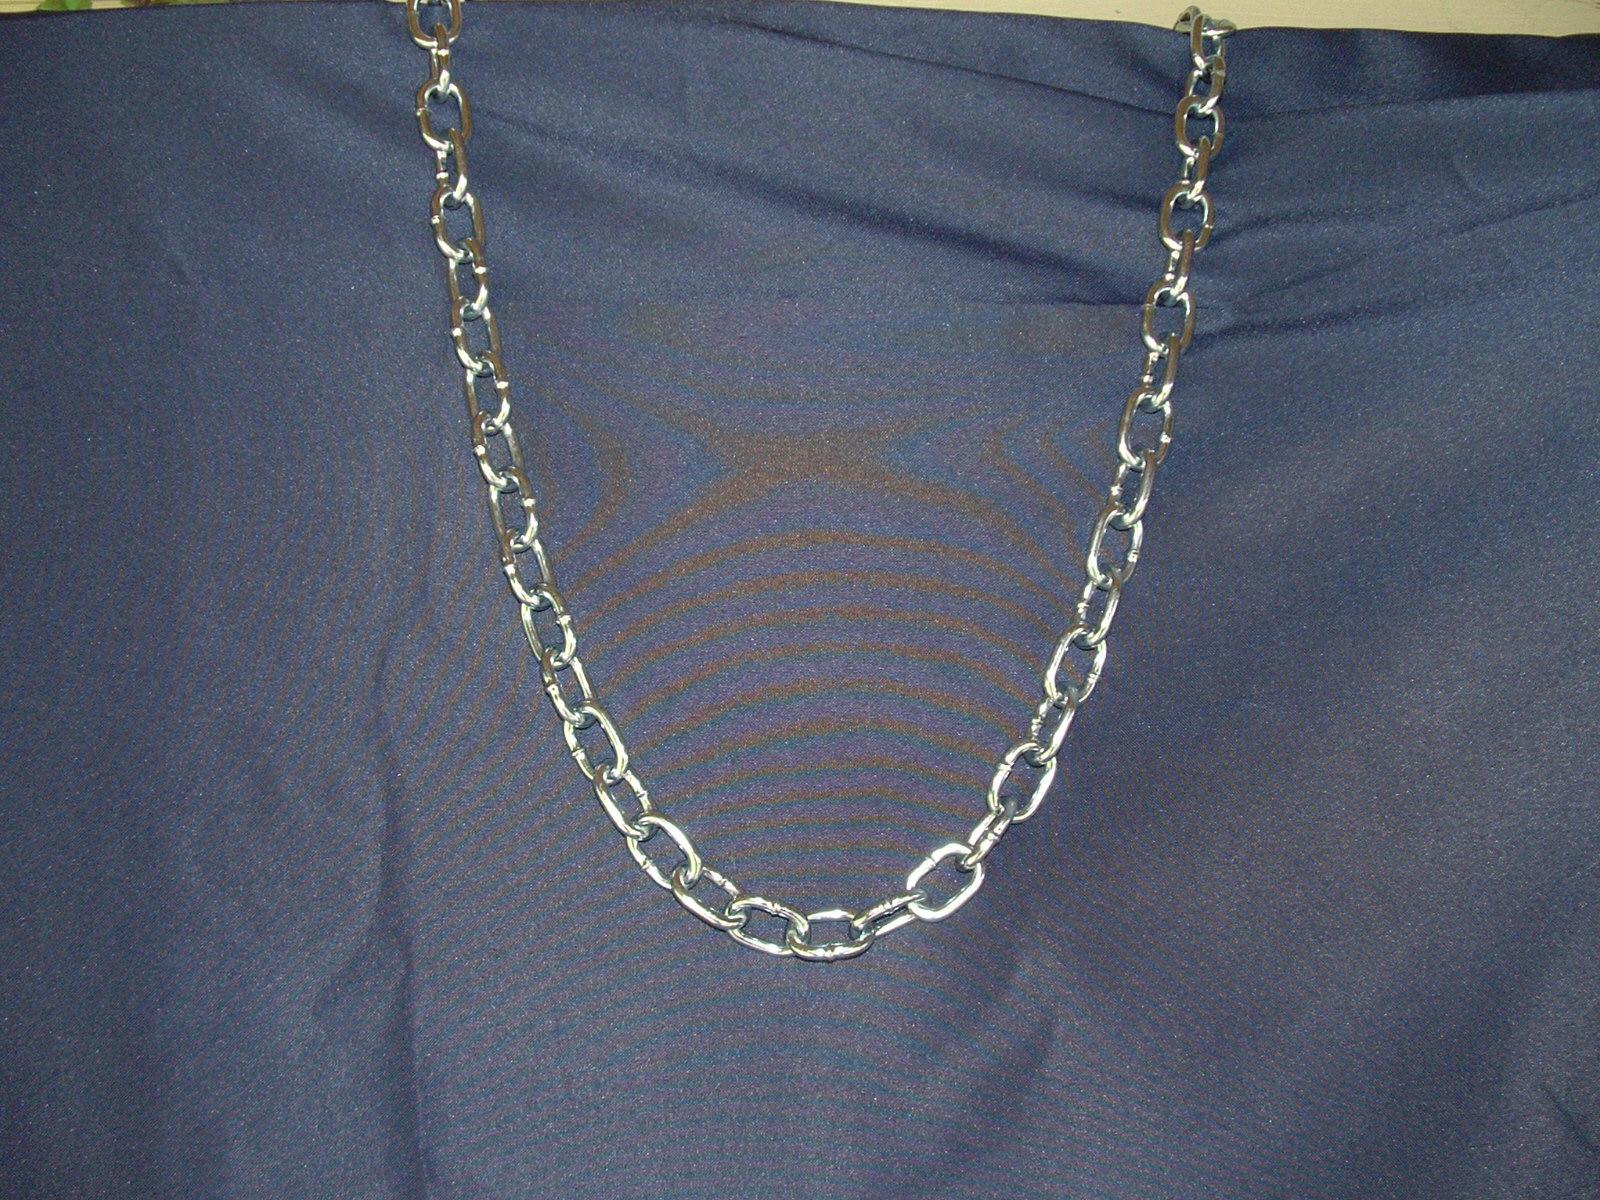 Chain 5 by Dracoart-Stock